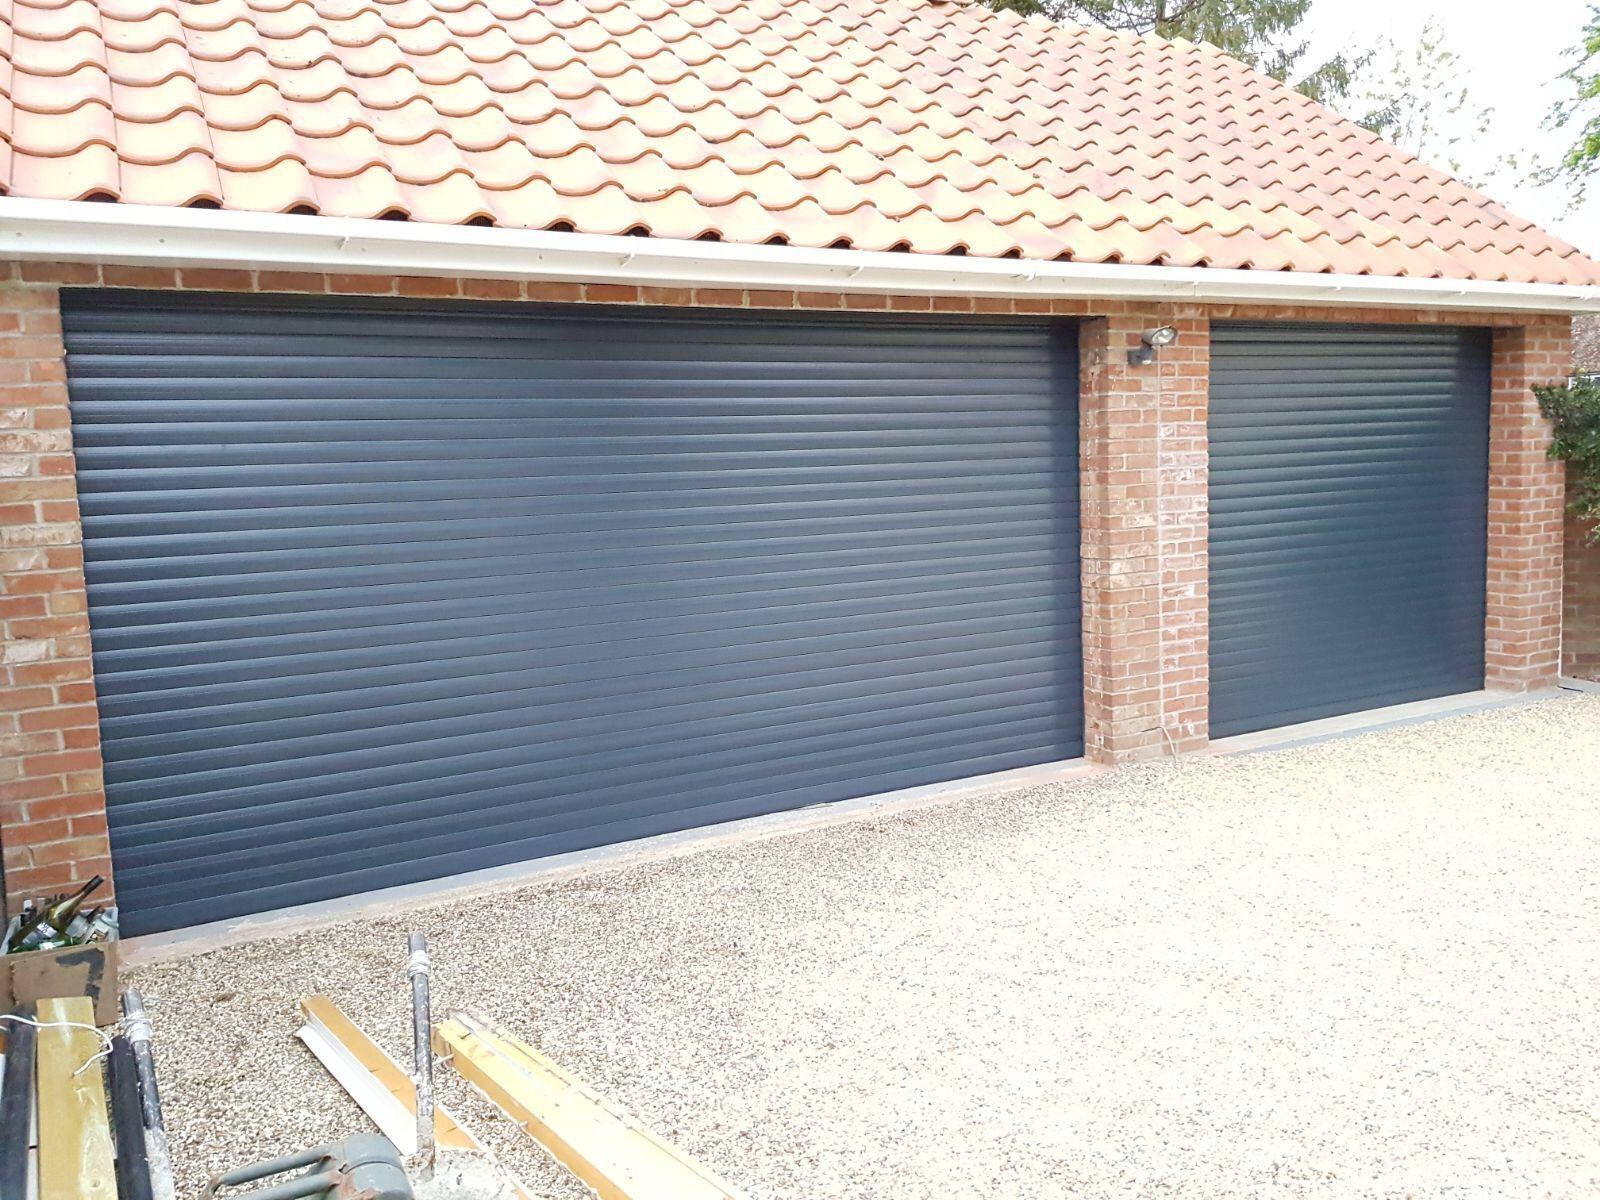 Double And Single Insulated Roller Garage Door In Anthracite Garage Doors Roller Doors Timber Garage